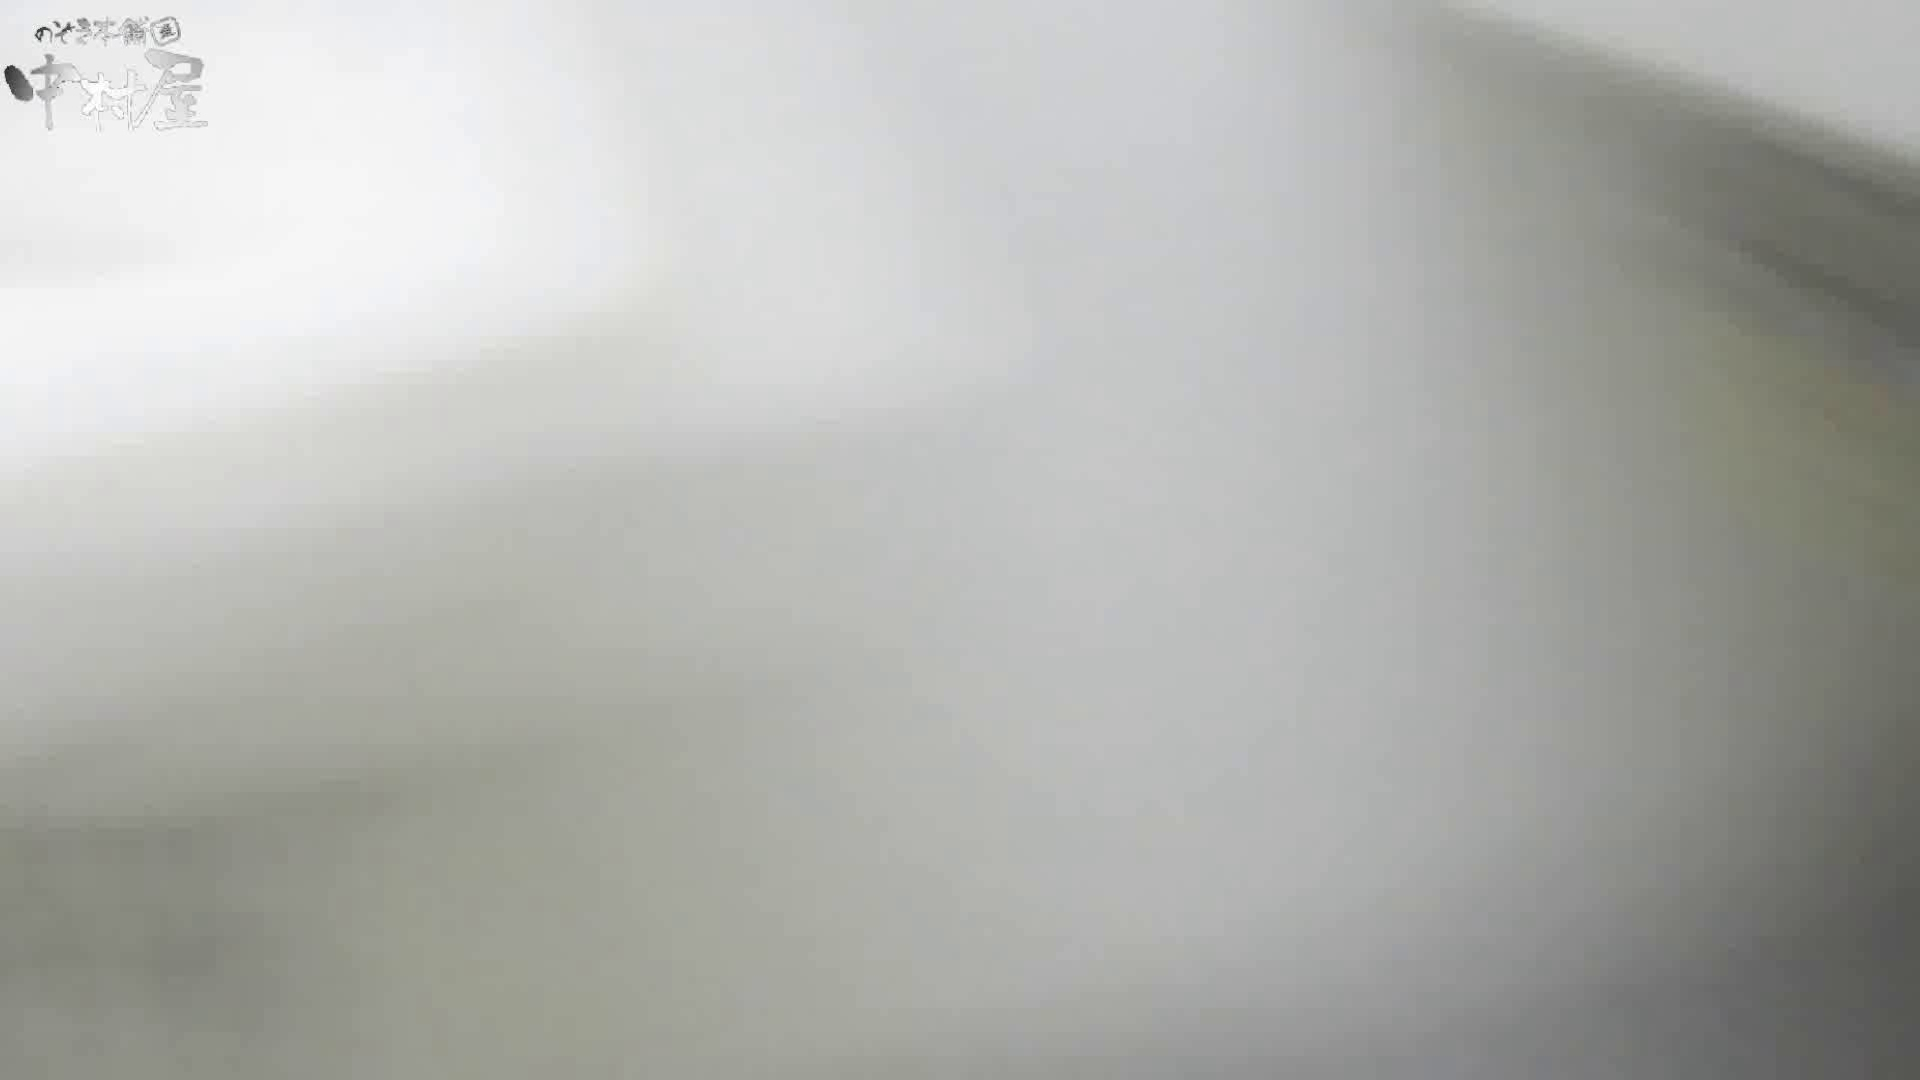 魂のかわや盗撮62連発! ロンハーギャル! 45発目! 黄金水 性交動画流出 98枚